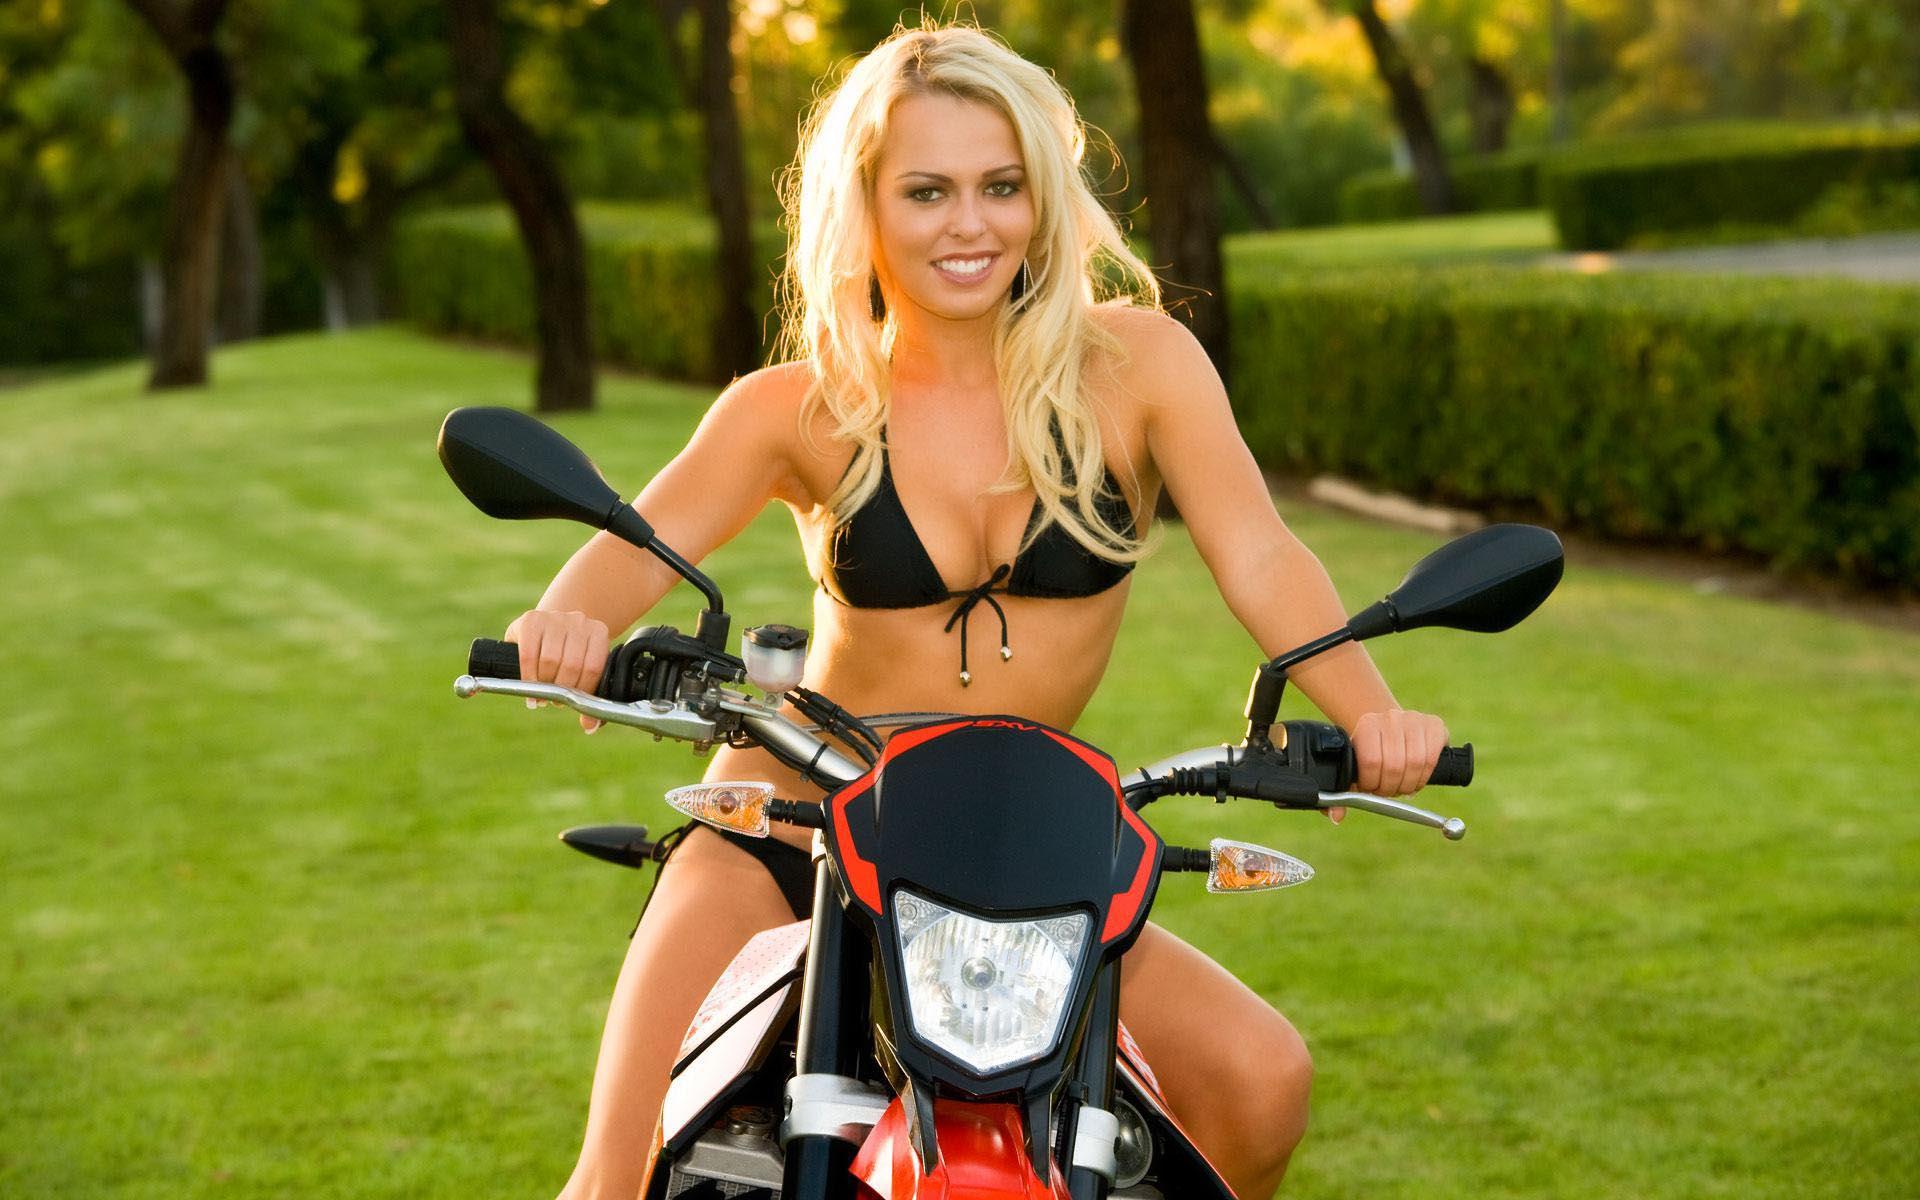 Девушка на мотоцикле, красивая, байк